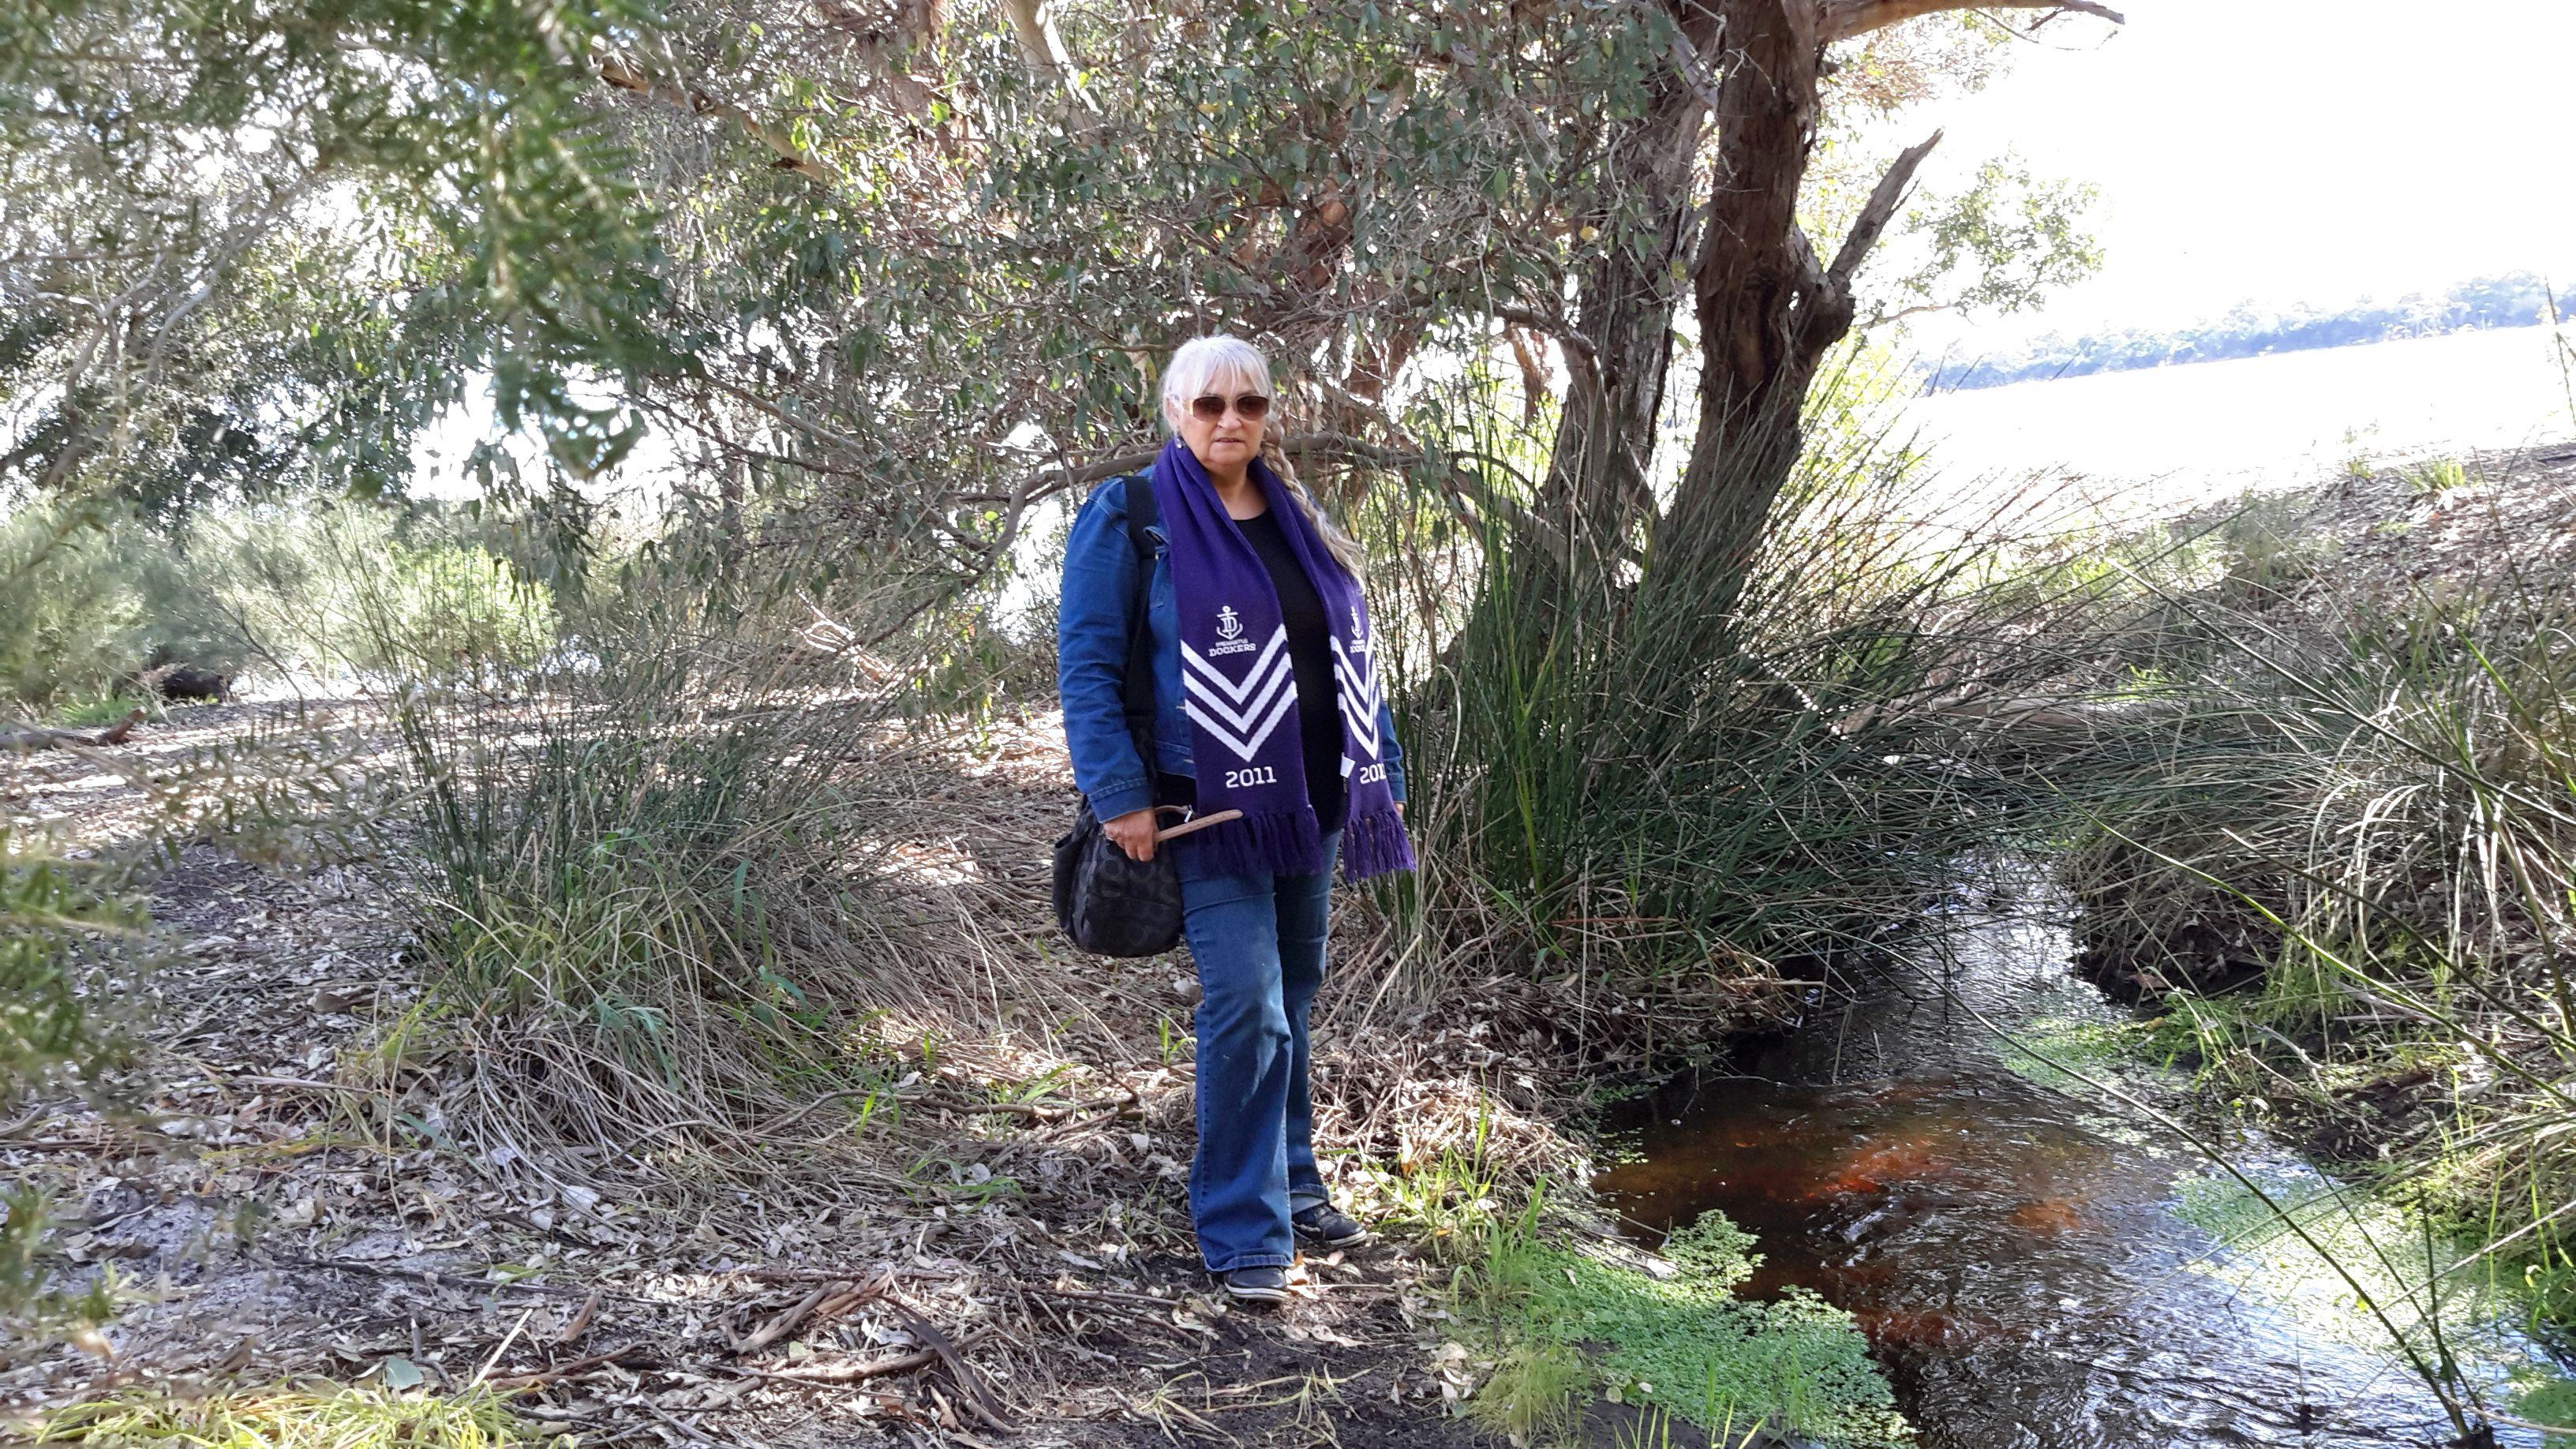 Kiwi dating perth